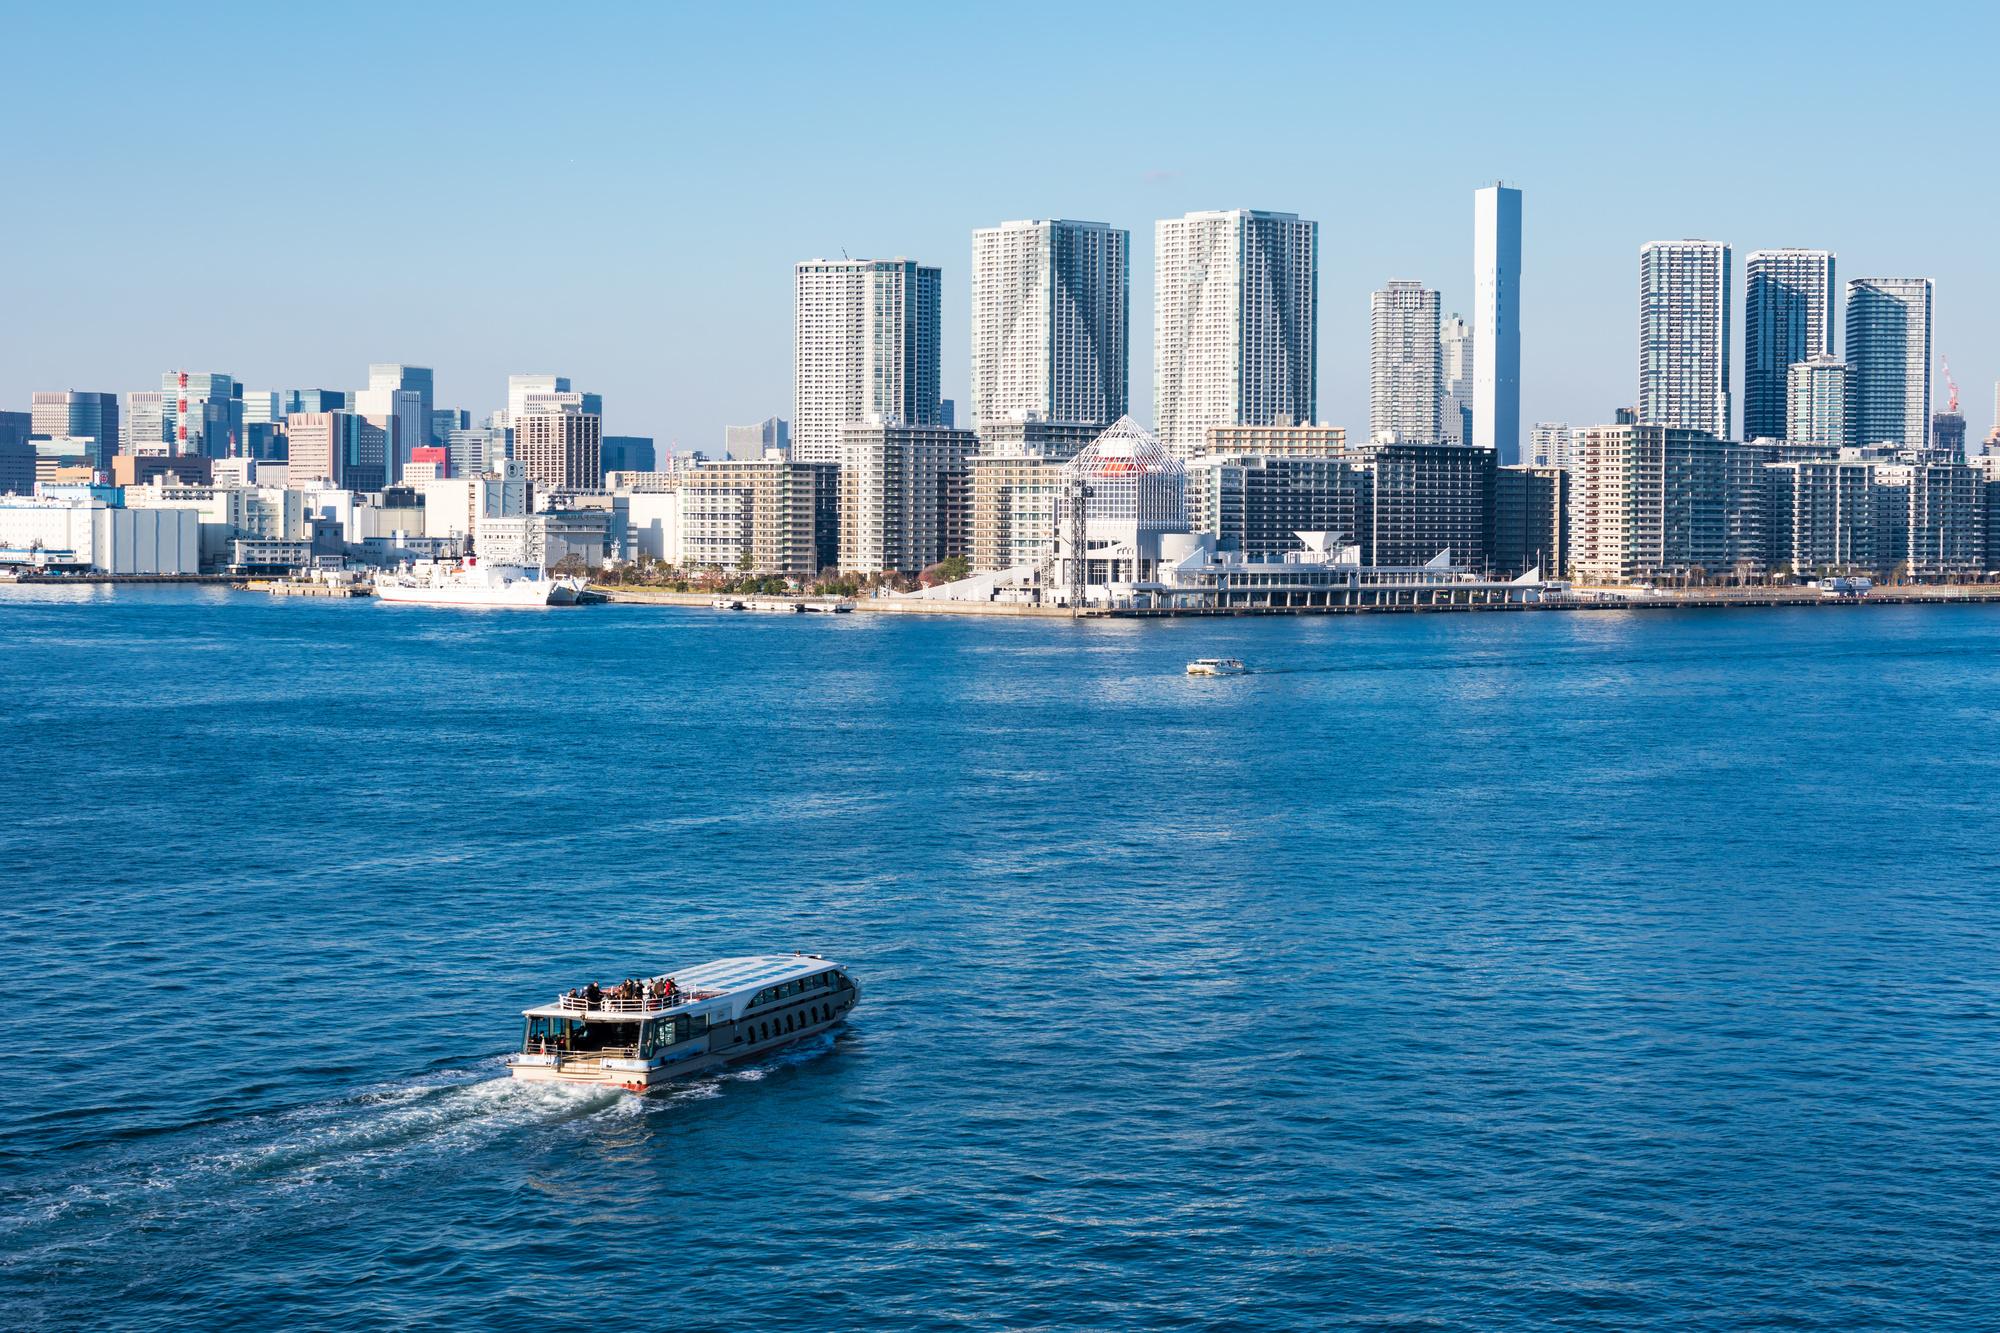 広い海を進むクルーザーと都会の街並み